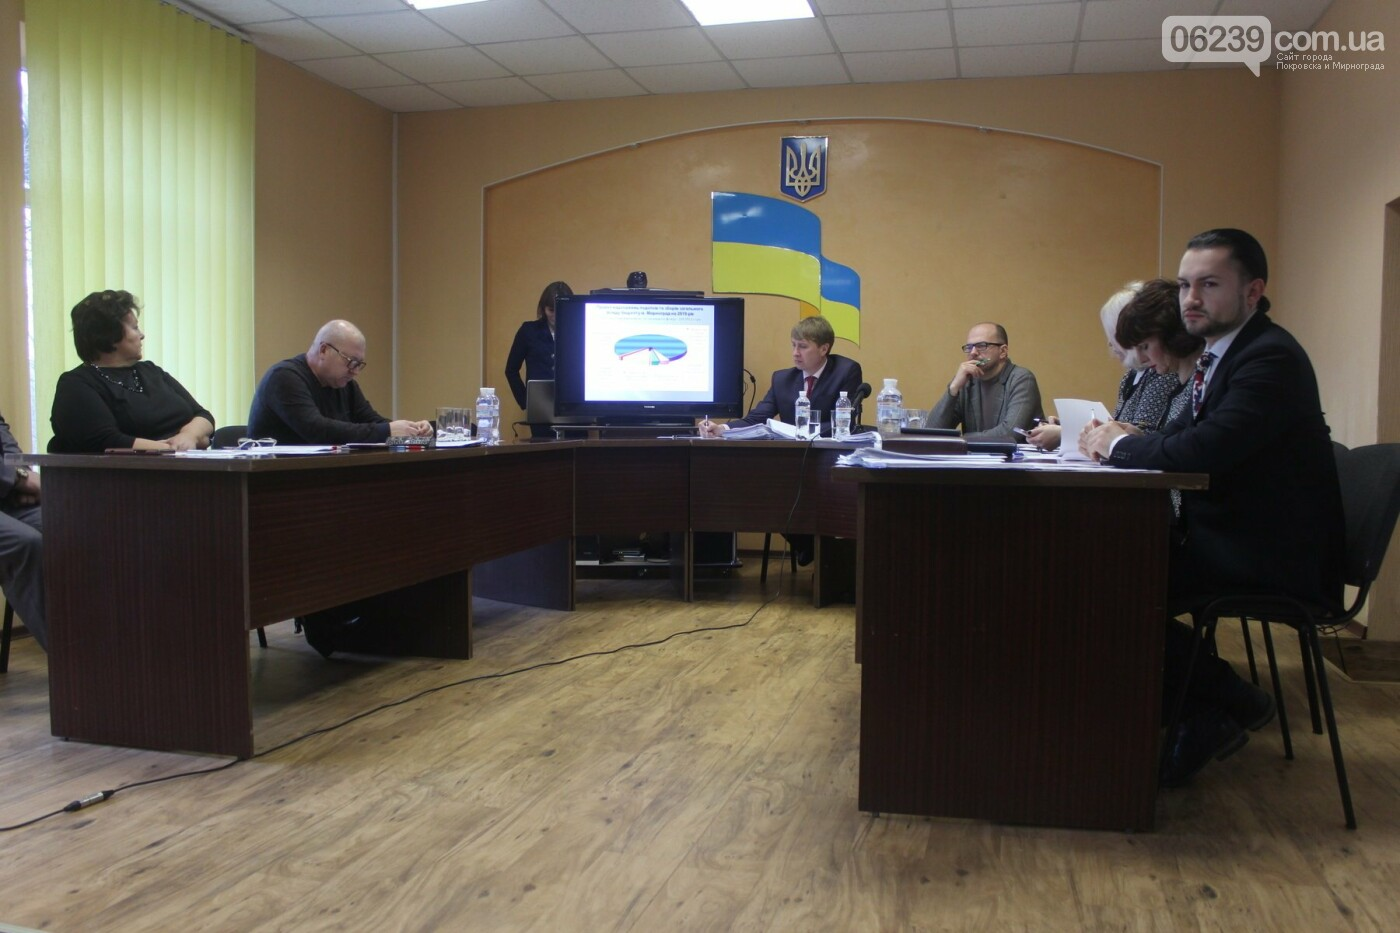 Стало известно, сколько квартир в 2019-ом году в Мирнограде выделят детям-сиротам , фото-1